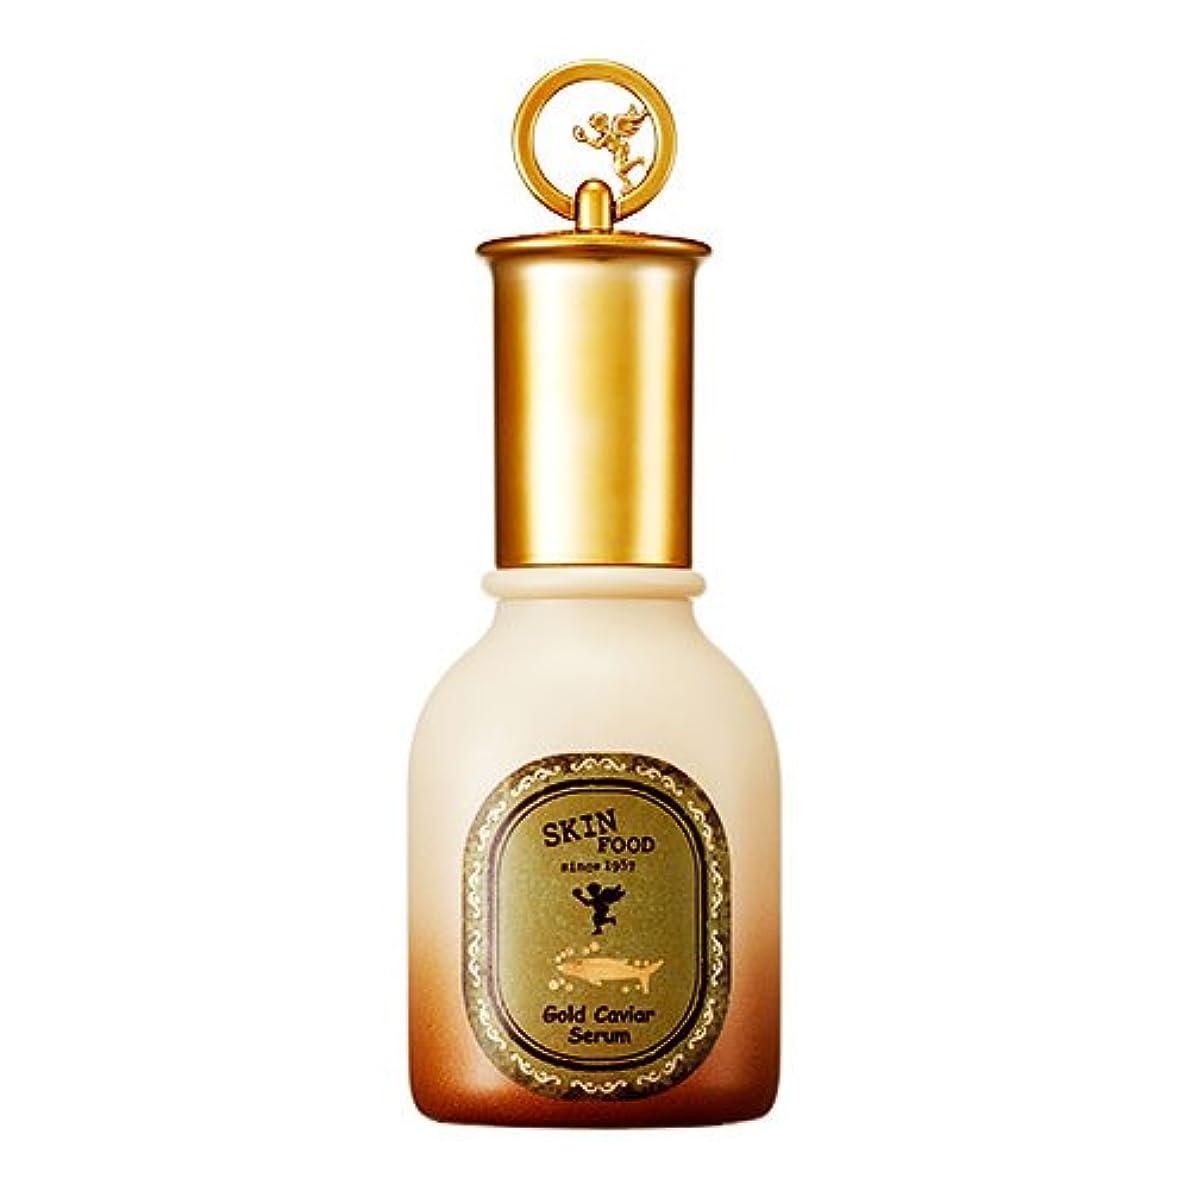 お嬢長いです木Skinfood ゴールドキャビアセラム(しわケア) / Gold Caviar Serum (wrinkle care) 45ml [並行輸入品]